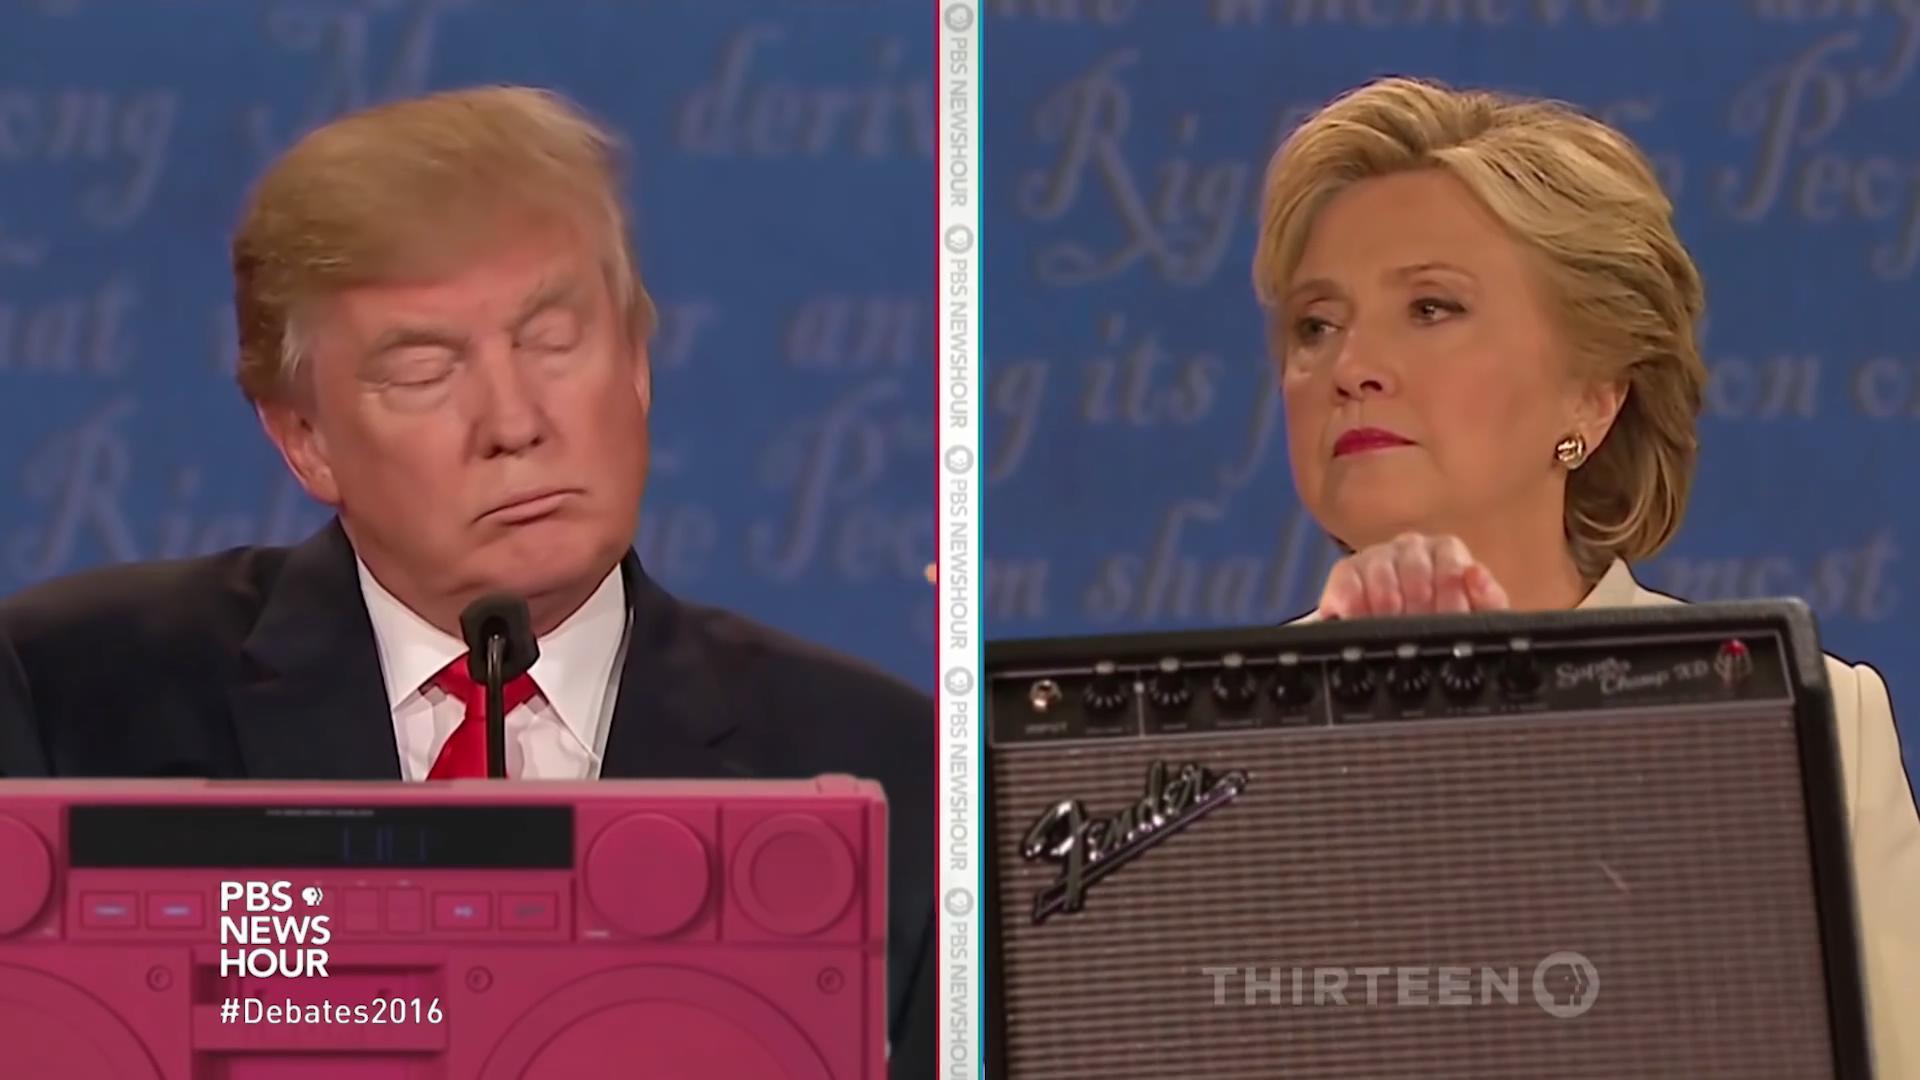 一美国达人把大选辩论做成了电音神曲,卧槽,这简直有毒!!!